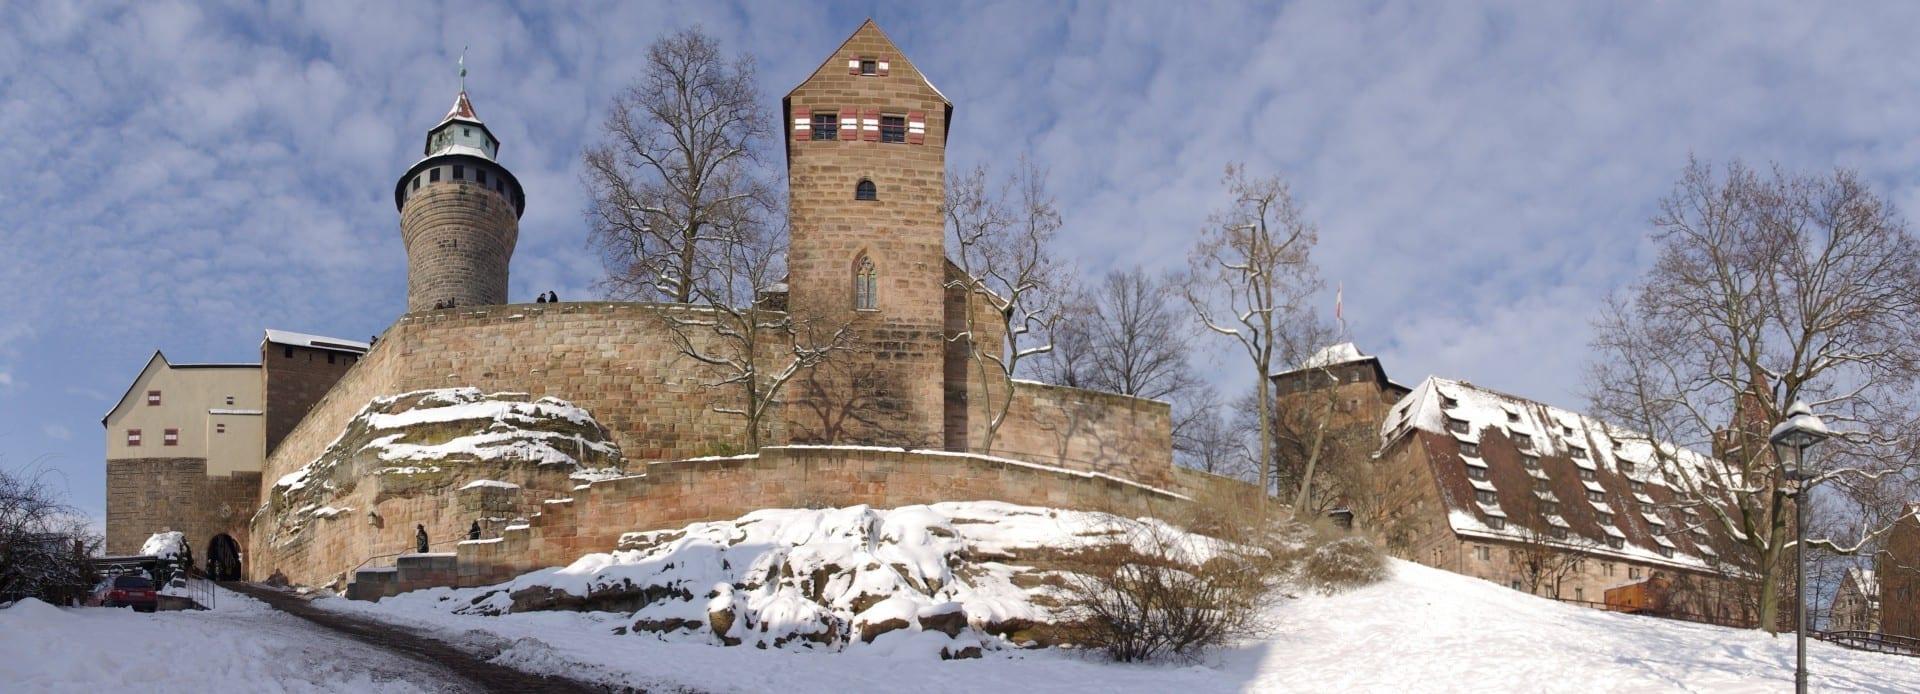 El castillo con la